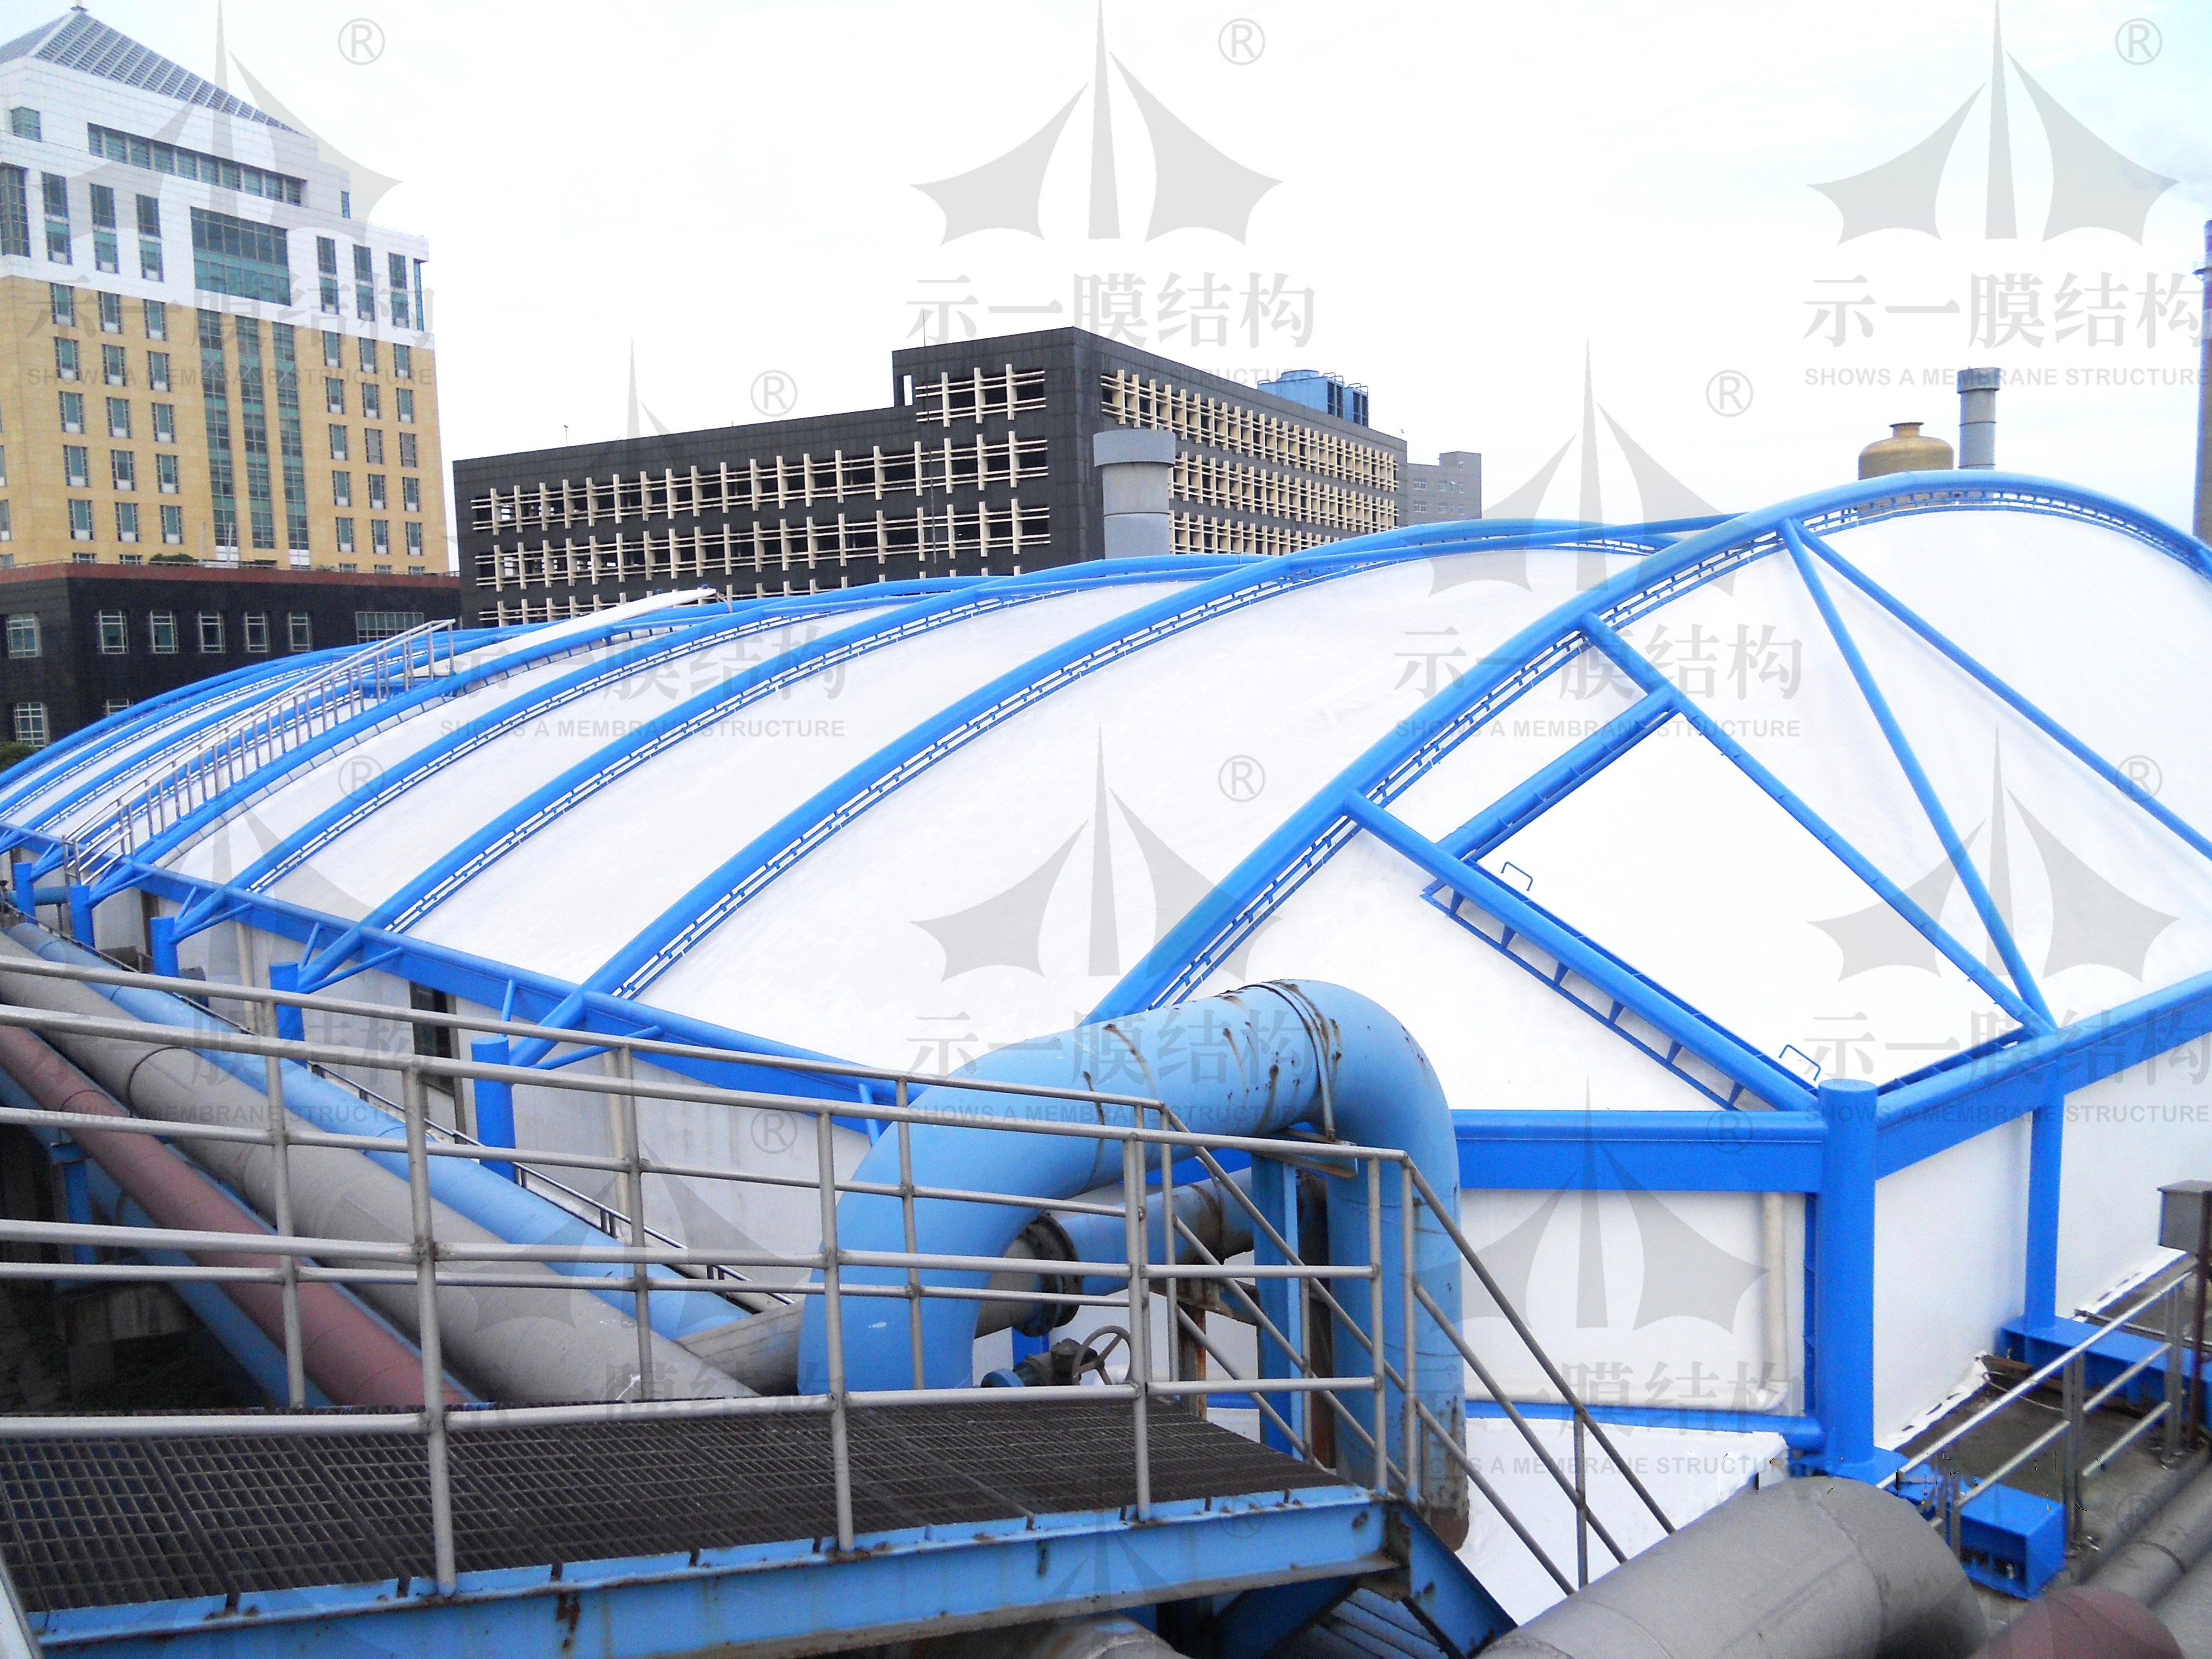 上海示一膜结构东莞玖龙污水池膜加盖环保工程